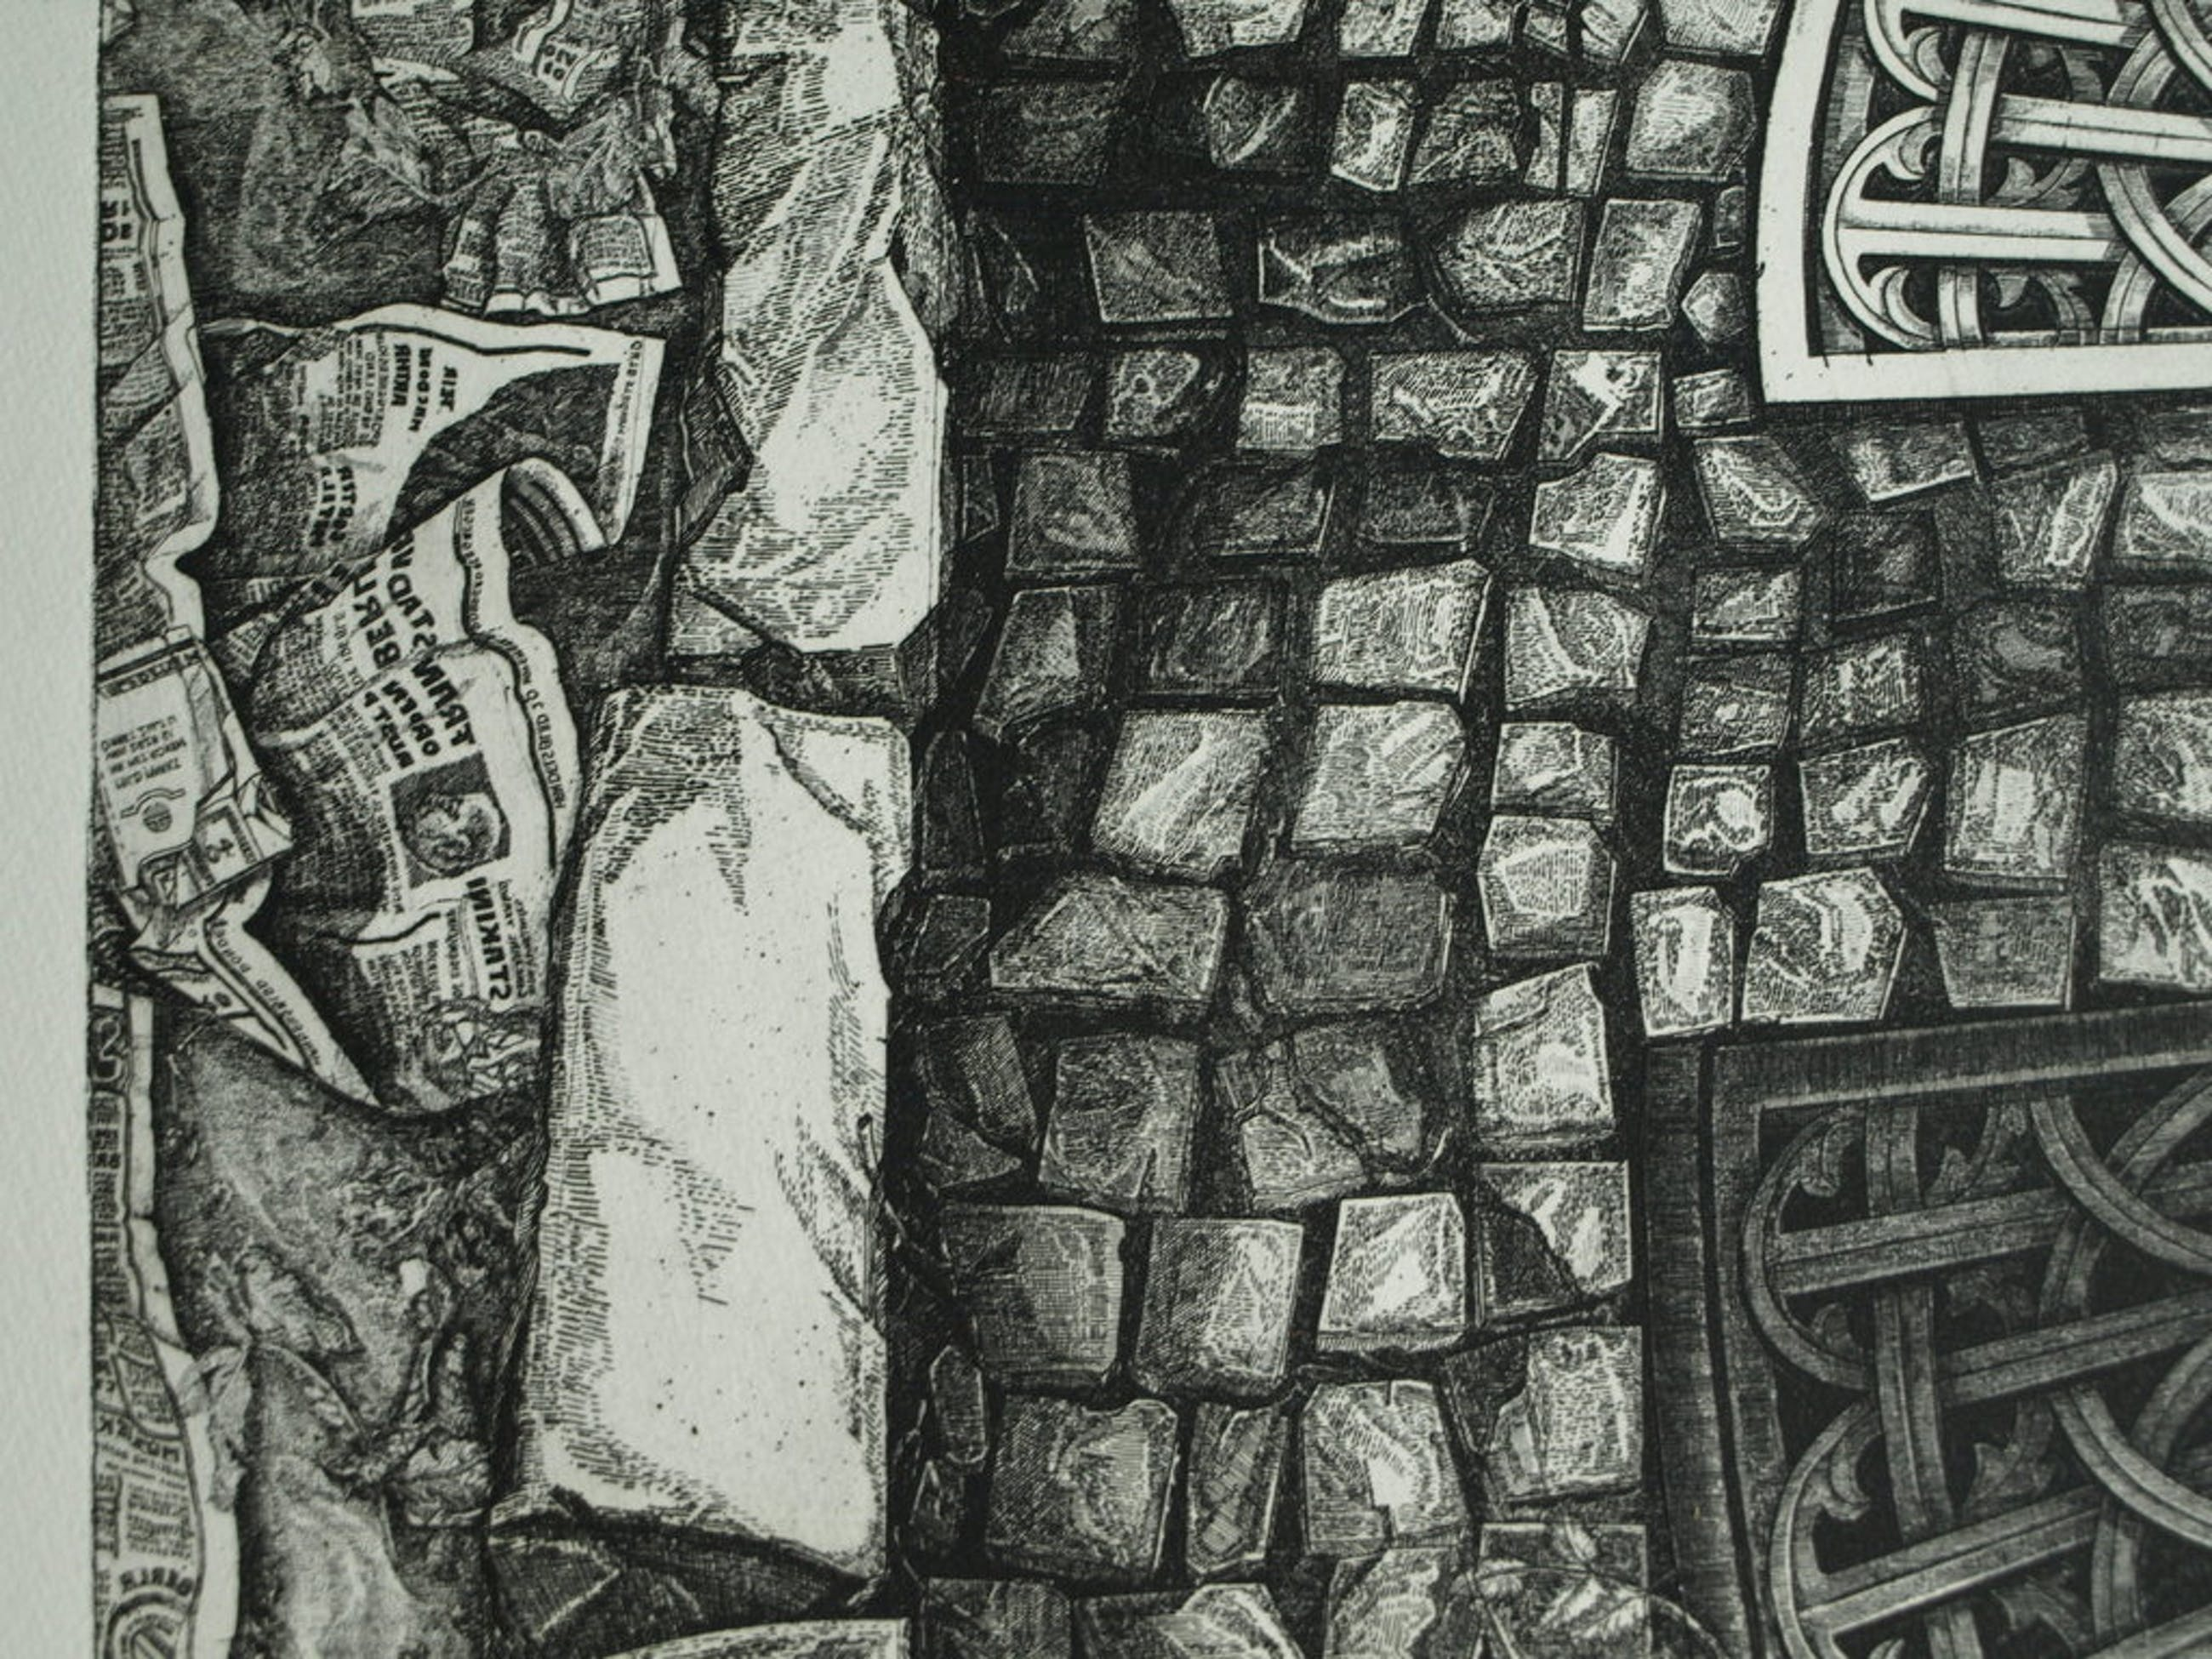 Anneke Kuyper : Ets - Trottoirs van Praag – gesigneerd – nr 1 van 35 ex. – 1977 kopen? Bied vanaf 65!